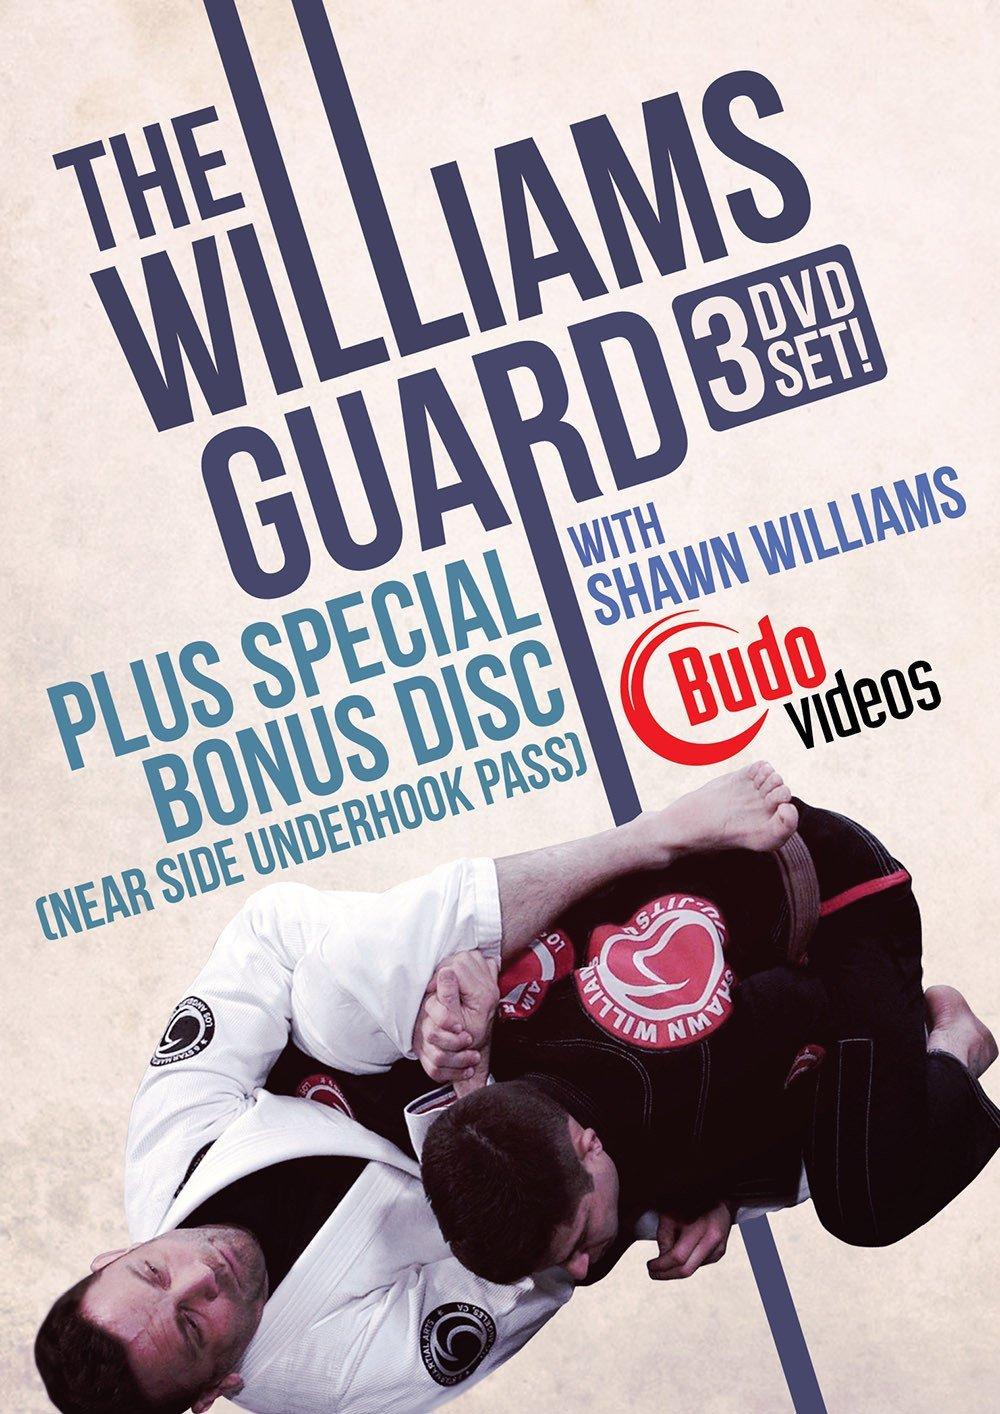 シェーン・ウィリアムス ウィリアムス・ガード 3枚組 ブラジリアン柔術教則DVD